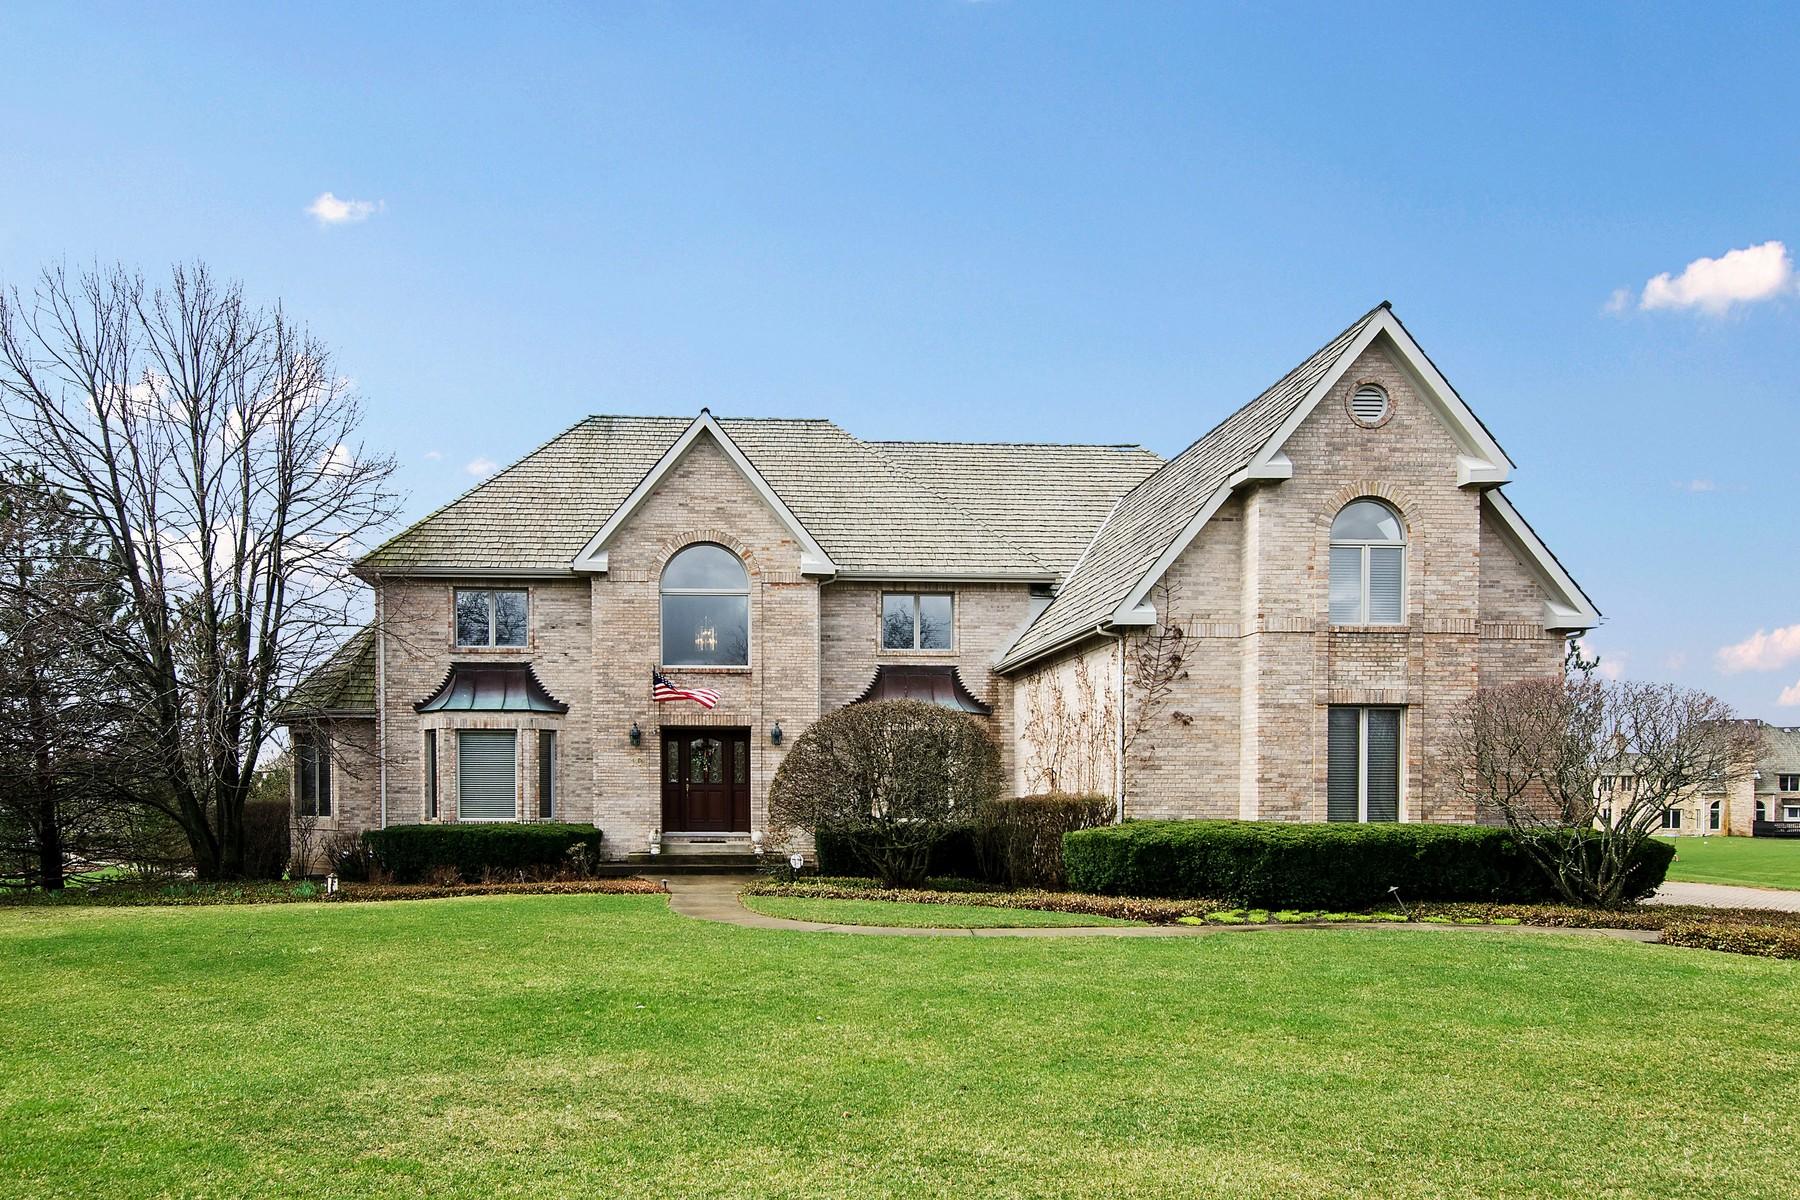 Einfamilienhaus für Verkauf beim Beautiful Two Story Home 10 Pembury Way South Barrington, Illinois, 60010 Vereinigte Staaten